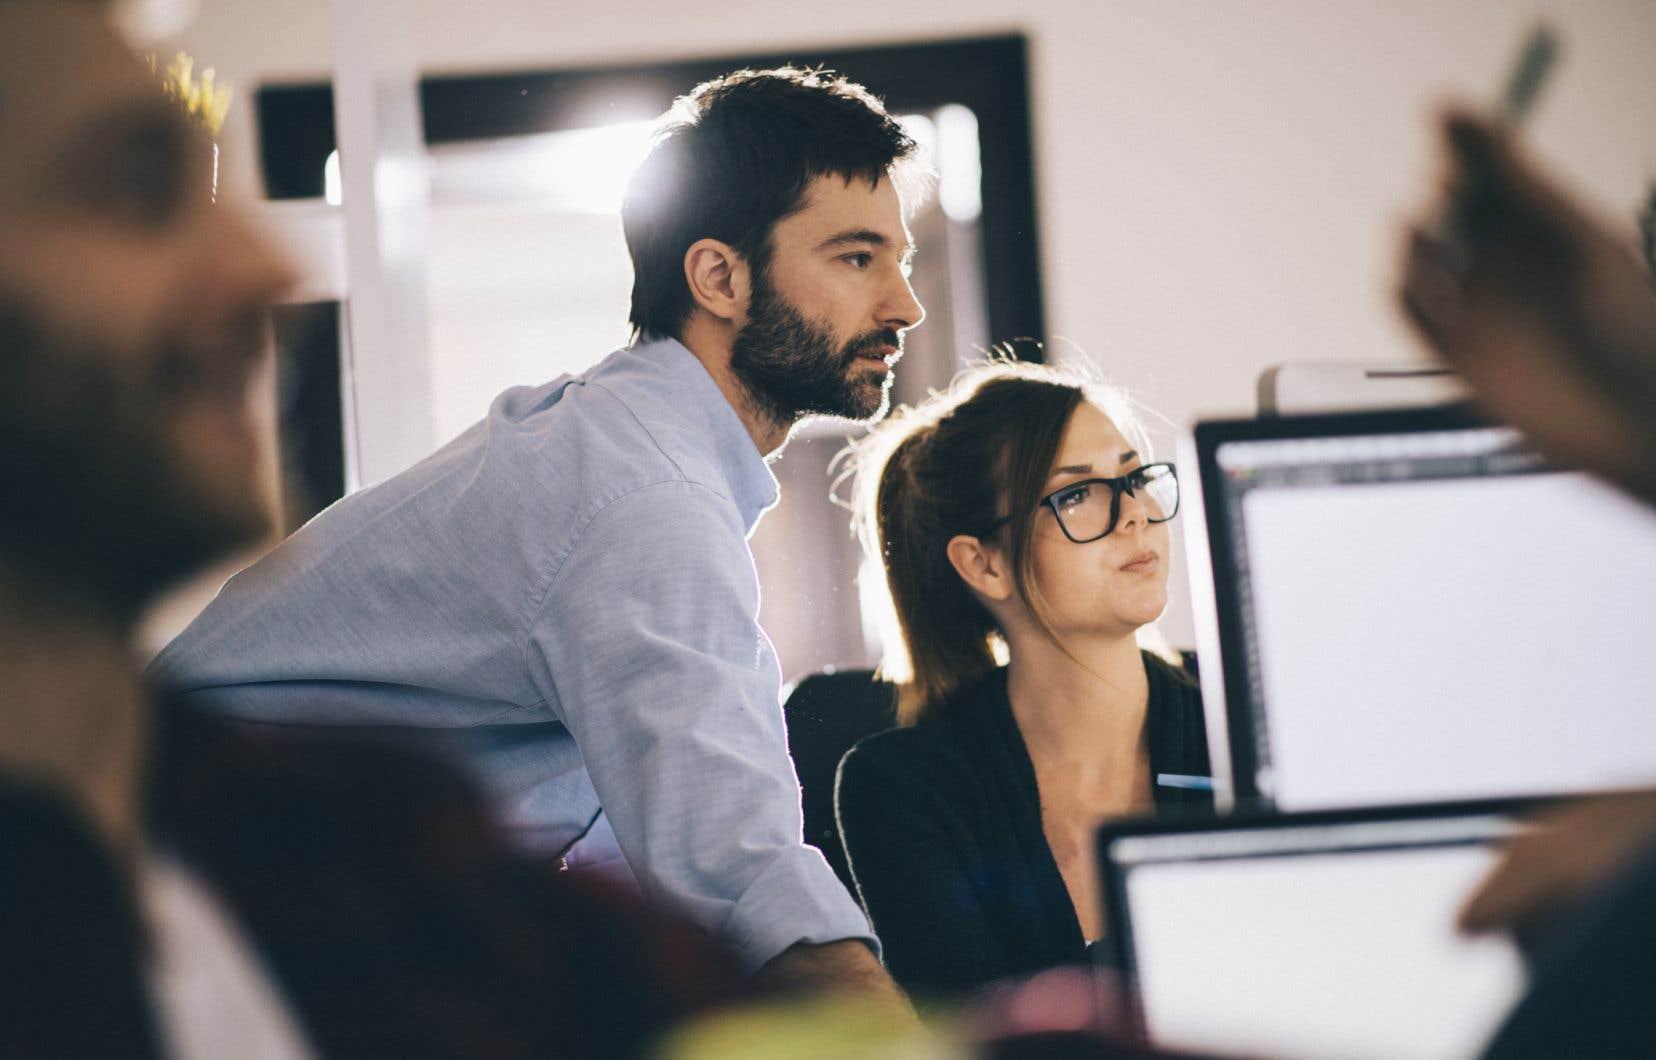 Le manque de ressources humaines capables d'entreprendre le virage de l'intelligence artificelle peut expliquer le retard de certaines entreprises.